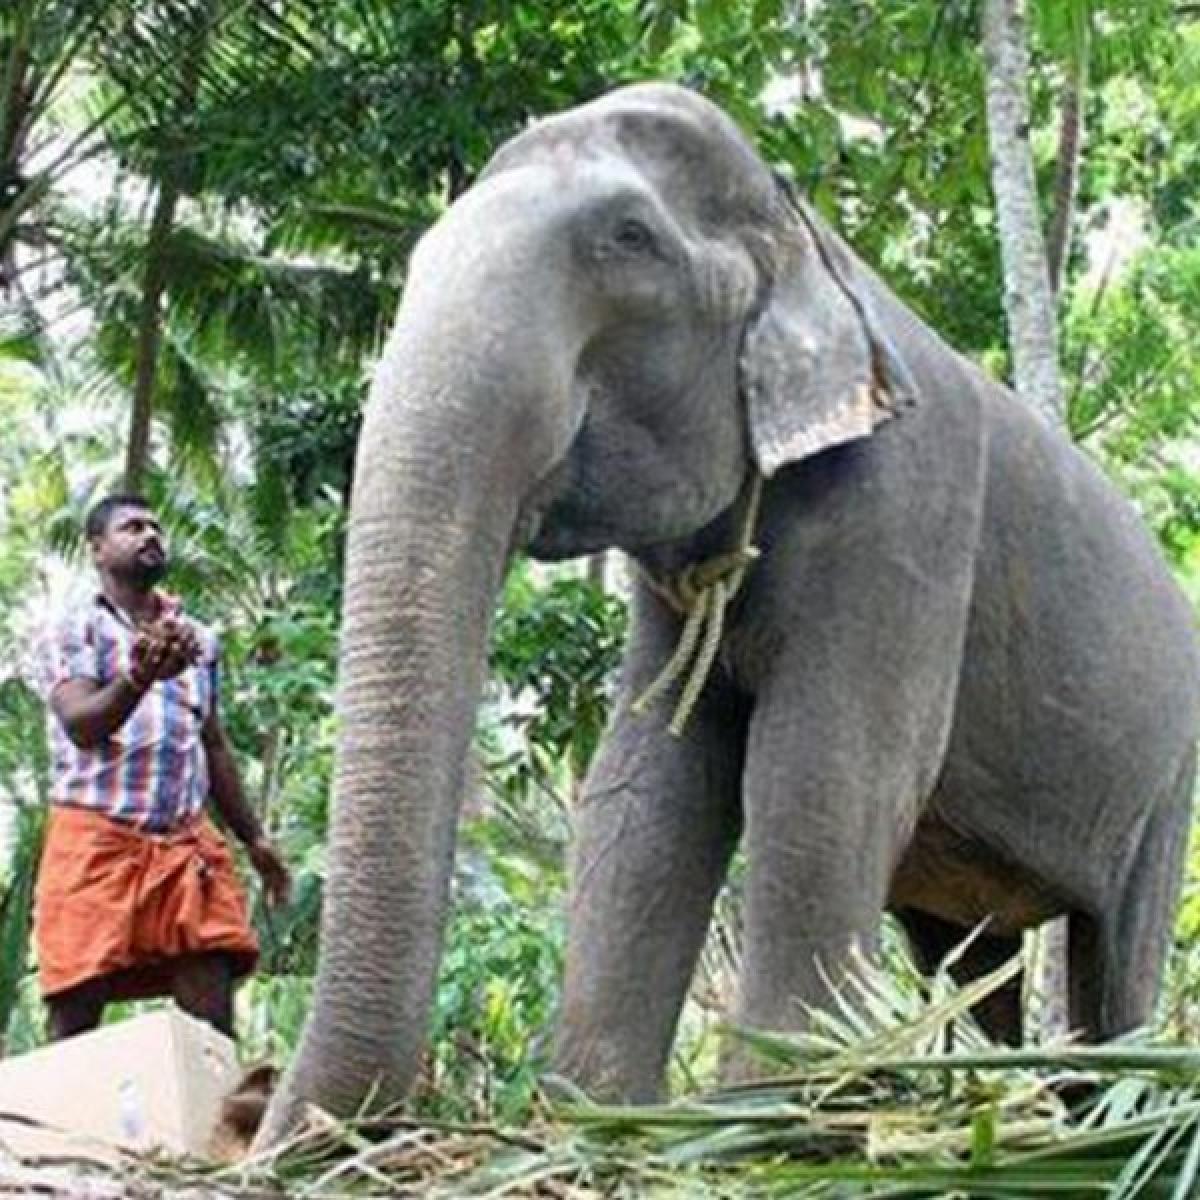 கின்னஸில் இடம்பிடித்த பெண் யானை தாக்ஷாயணி 87 வயதில் மரணம்!